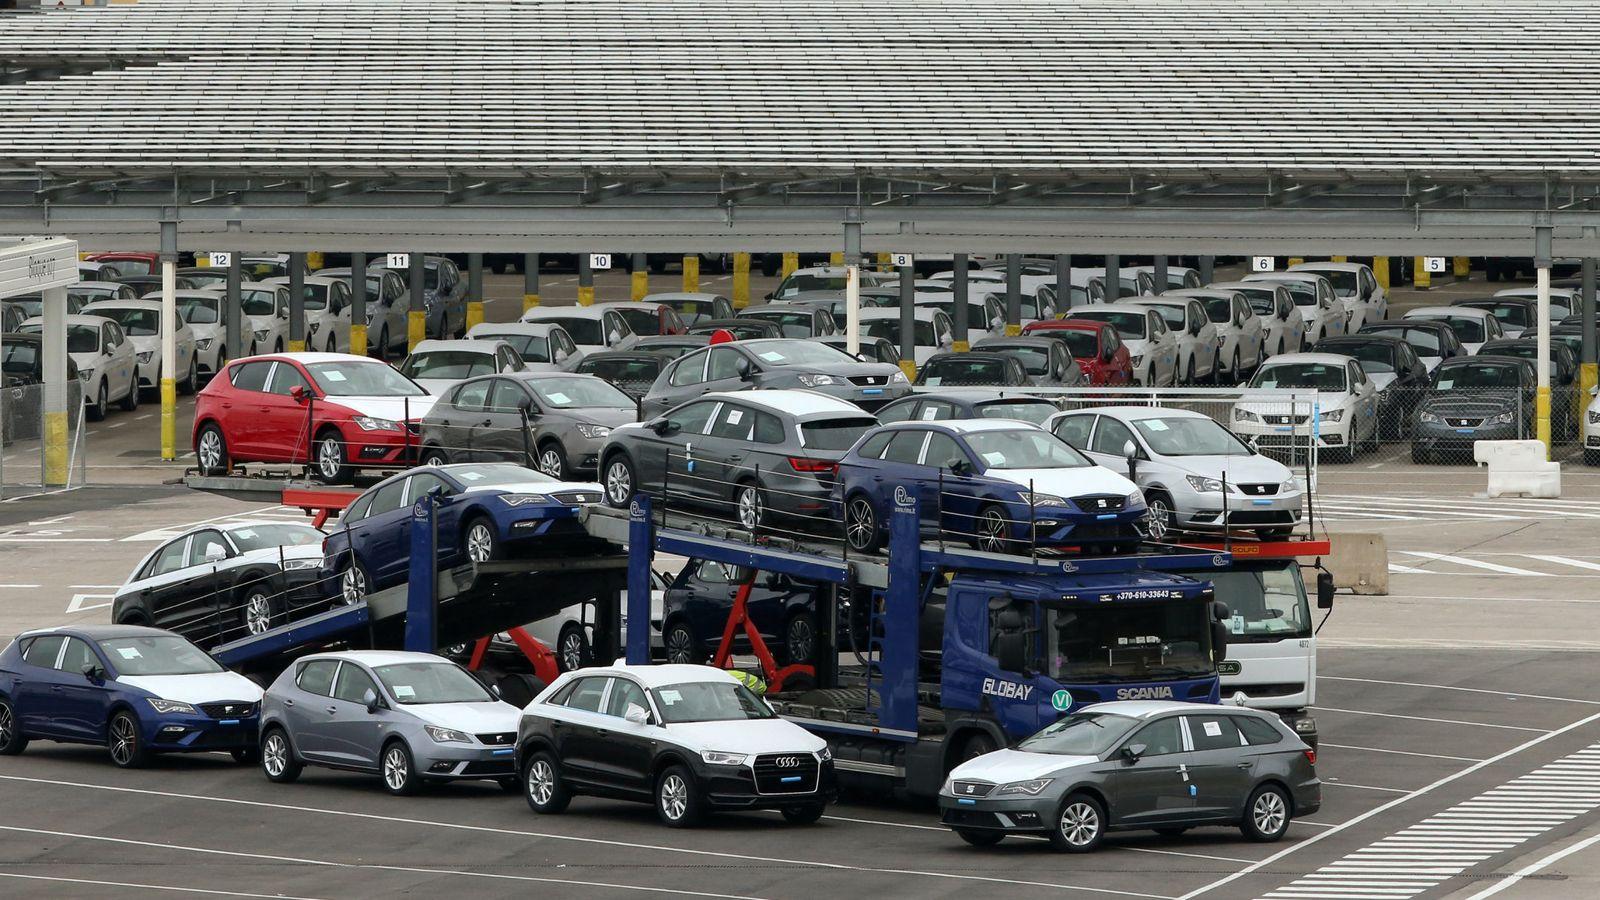 Renault: Regionalismo al volante: las fábricas de automóviles ...